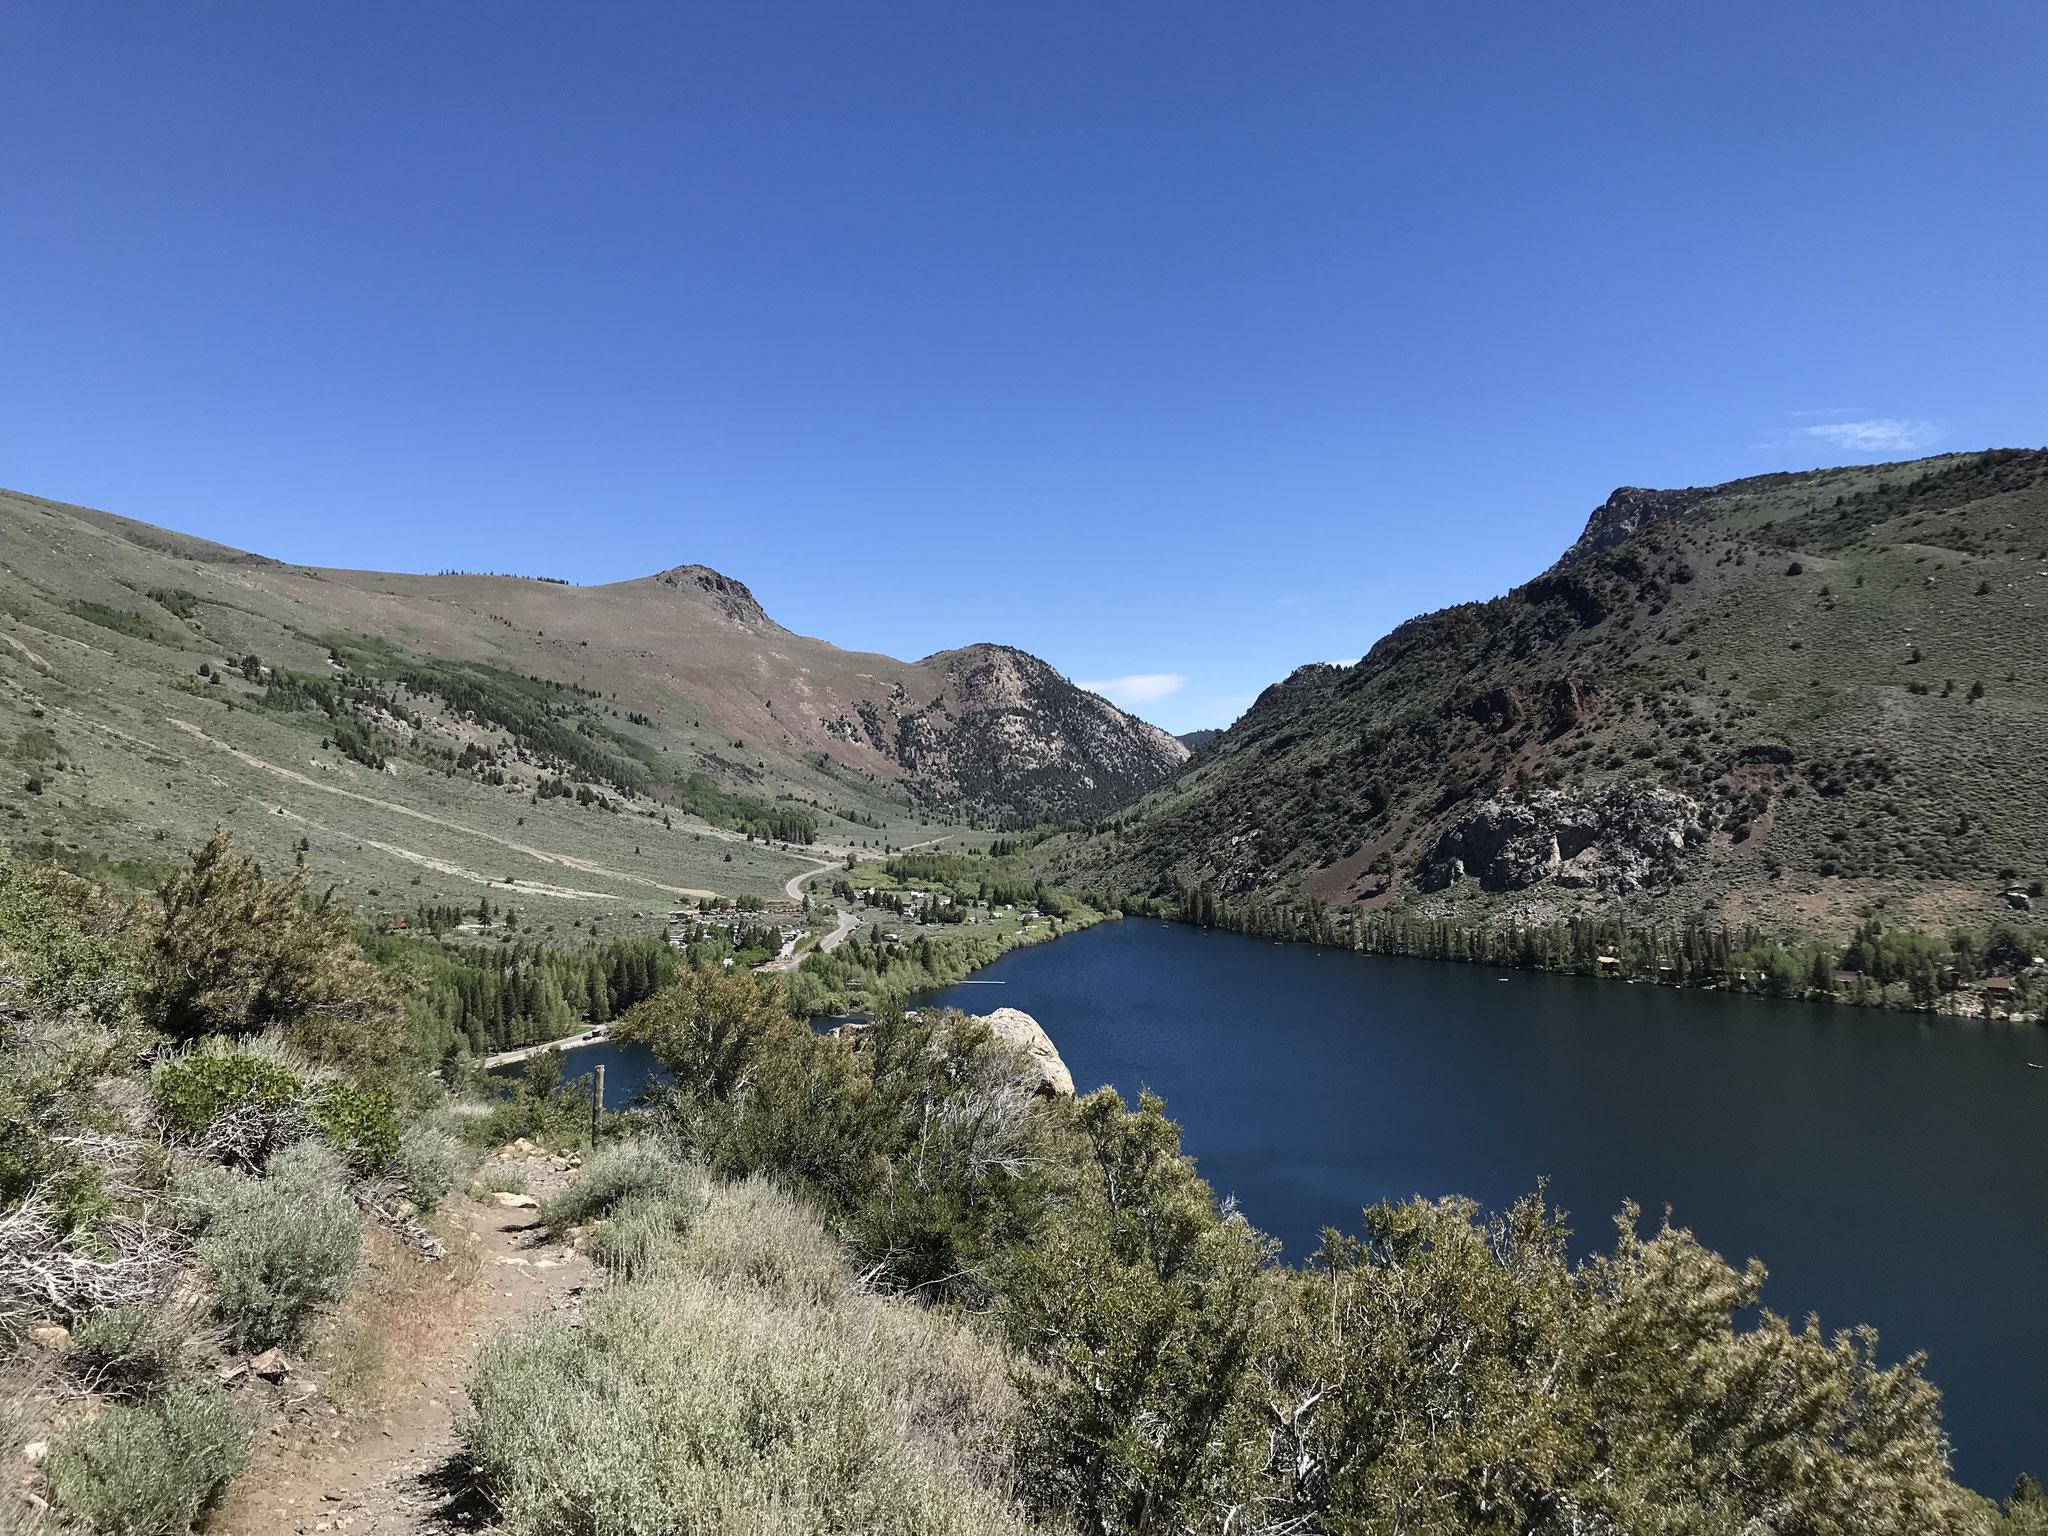 Blick während des Aufstiegs zurück auf den Lake Silver.